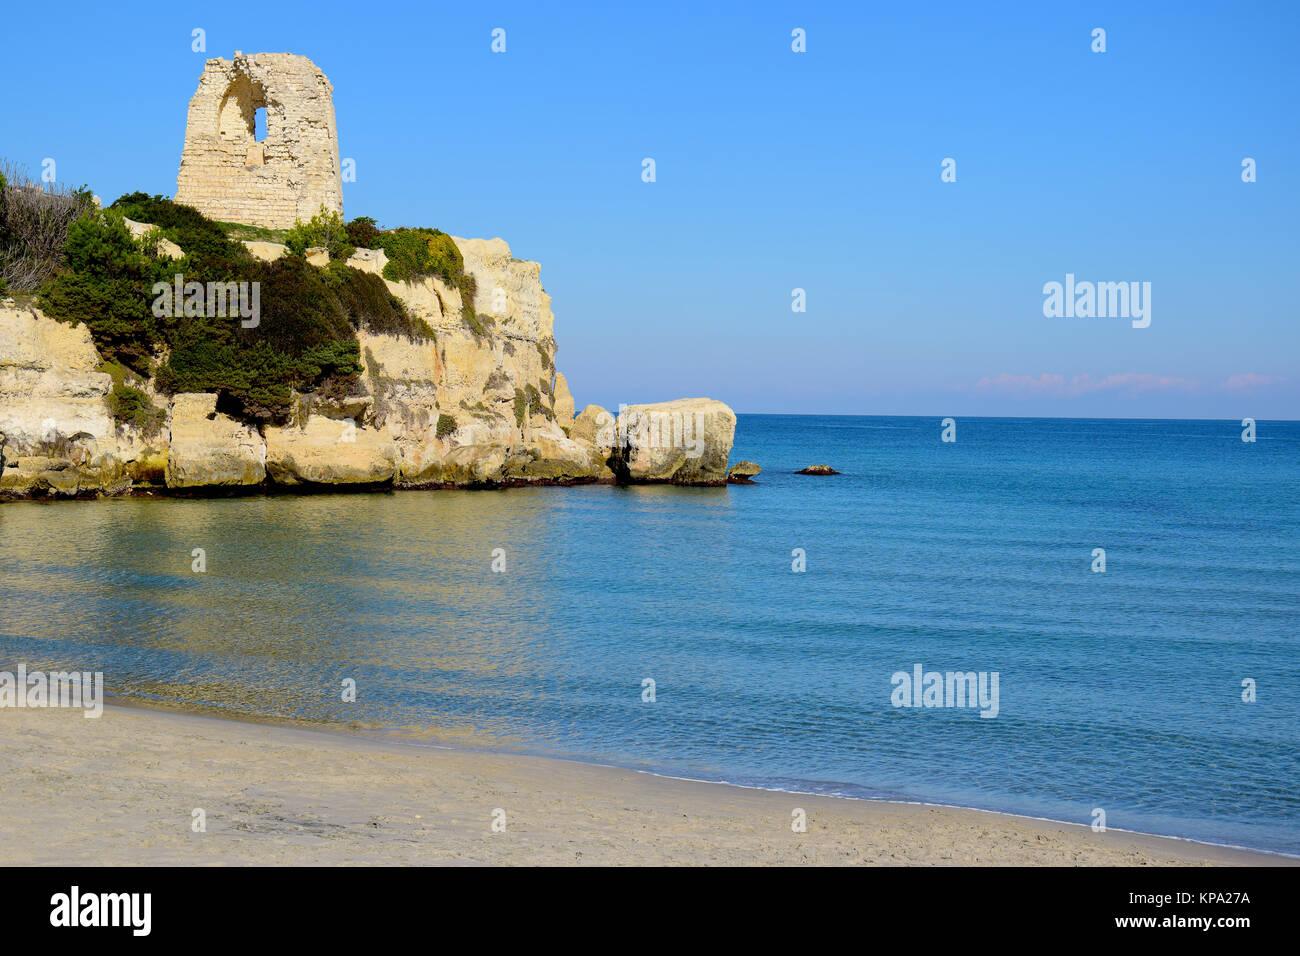 Beach in Torre dell'Orso near Otranto in Salento, Apulia region, Italy - Stock Image